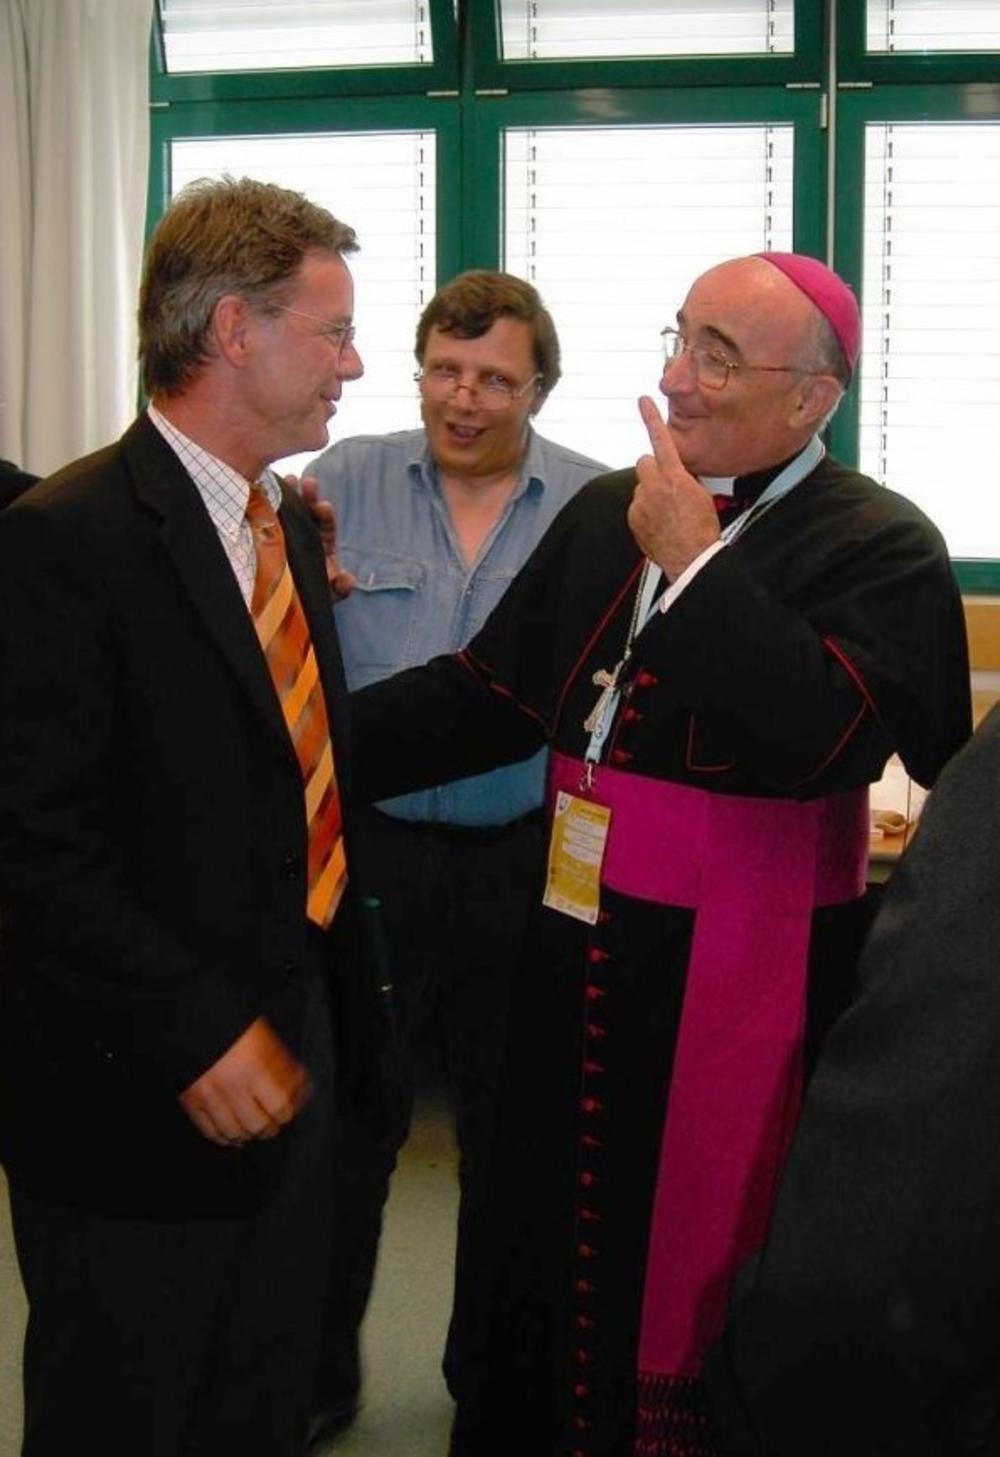 Bischof Diego Coletti (Como) mit Bürgermeister Wolfgang Röger und Dolmetscher Nino D´Alesio